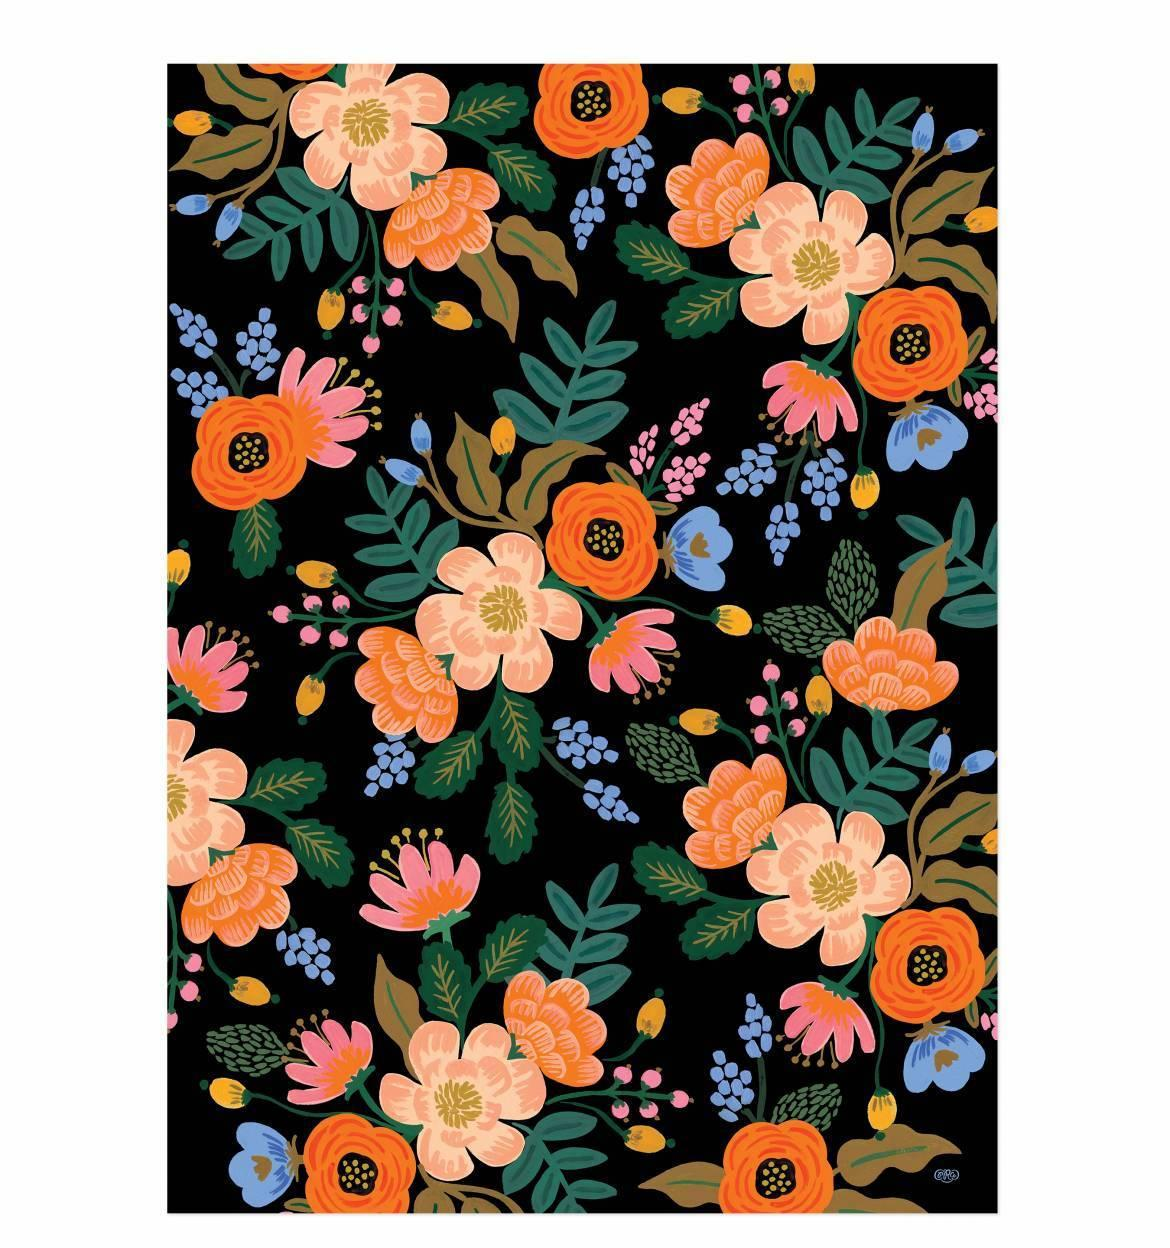 Rifle Paper Co. Balicí papír s květinami Bordeaux - 1 list, černá barva, multi barva, papír